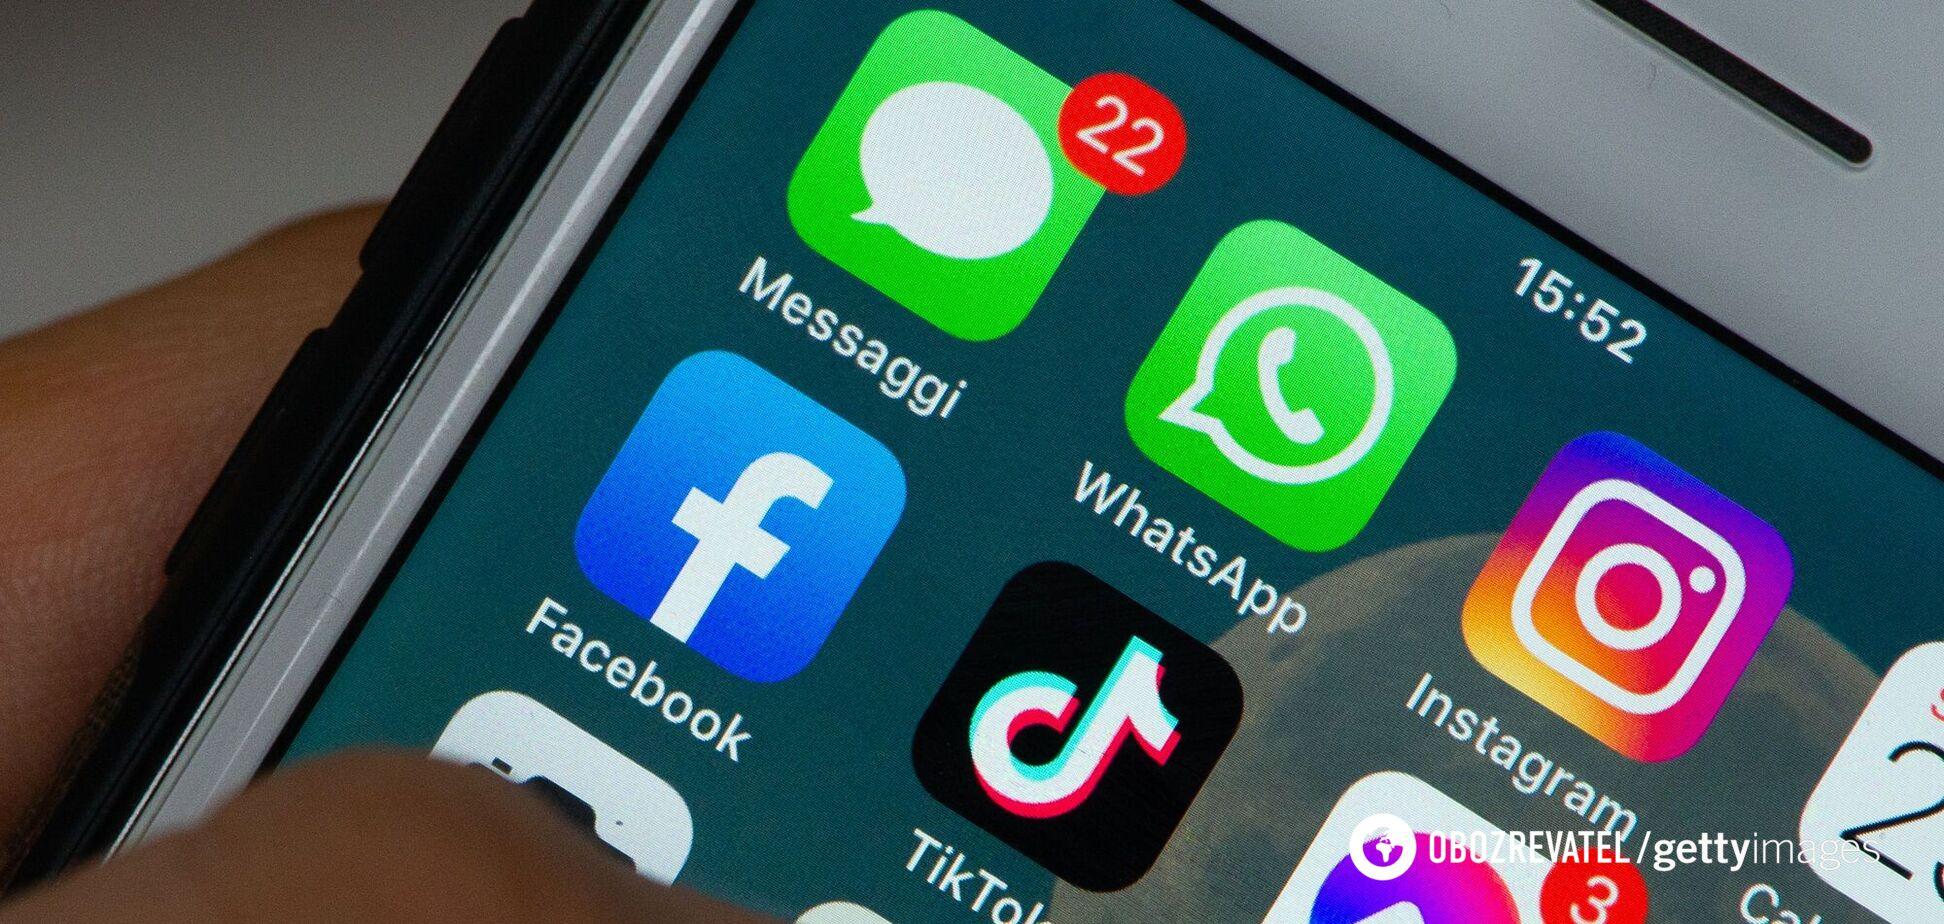 WhatsApp собирается ограничить работу аккаунтов: что попадет под запрет